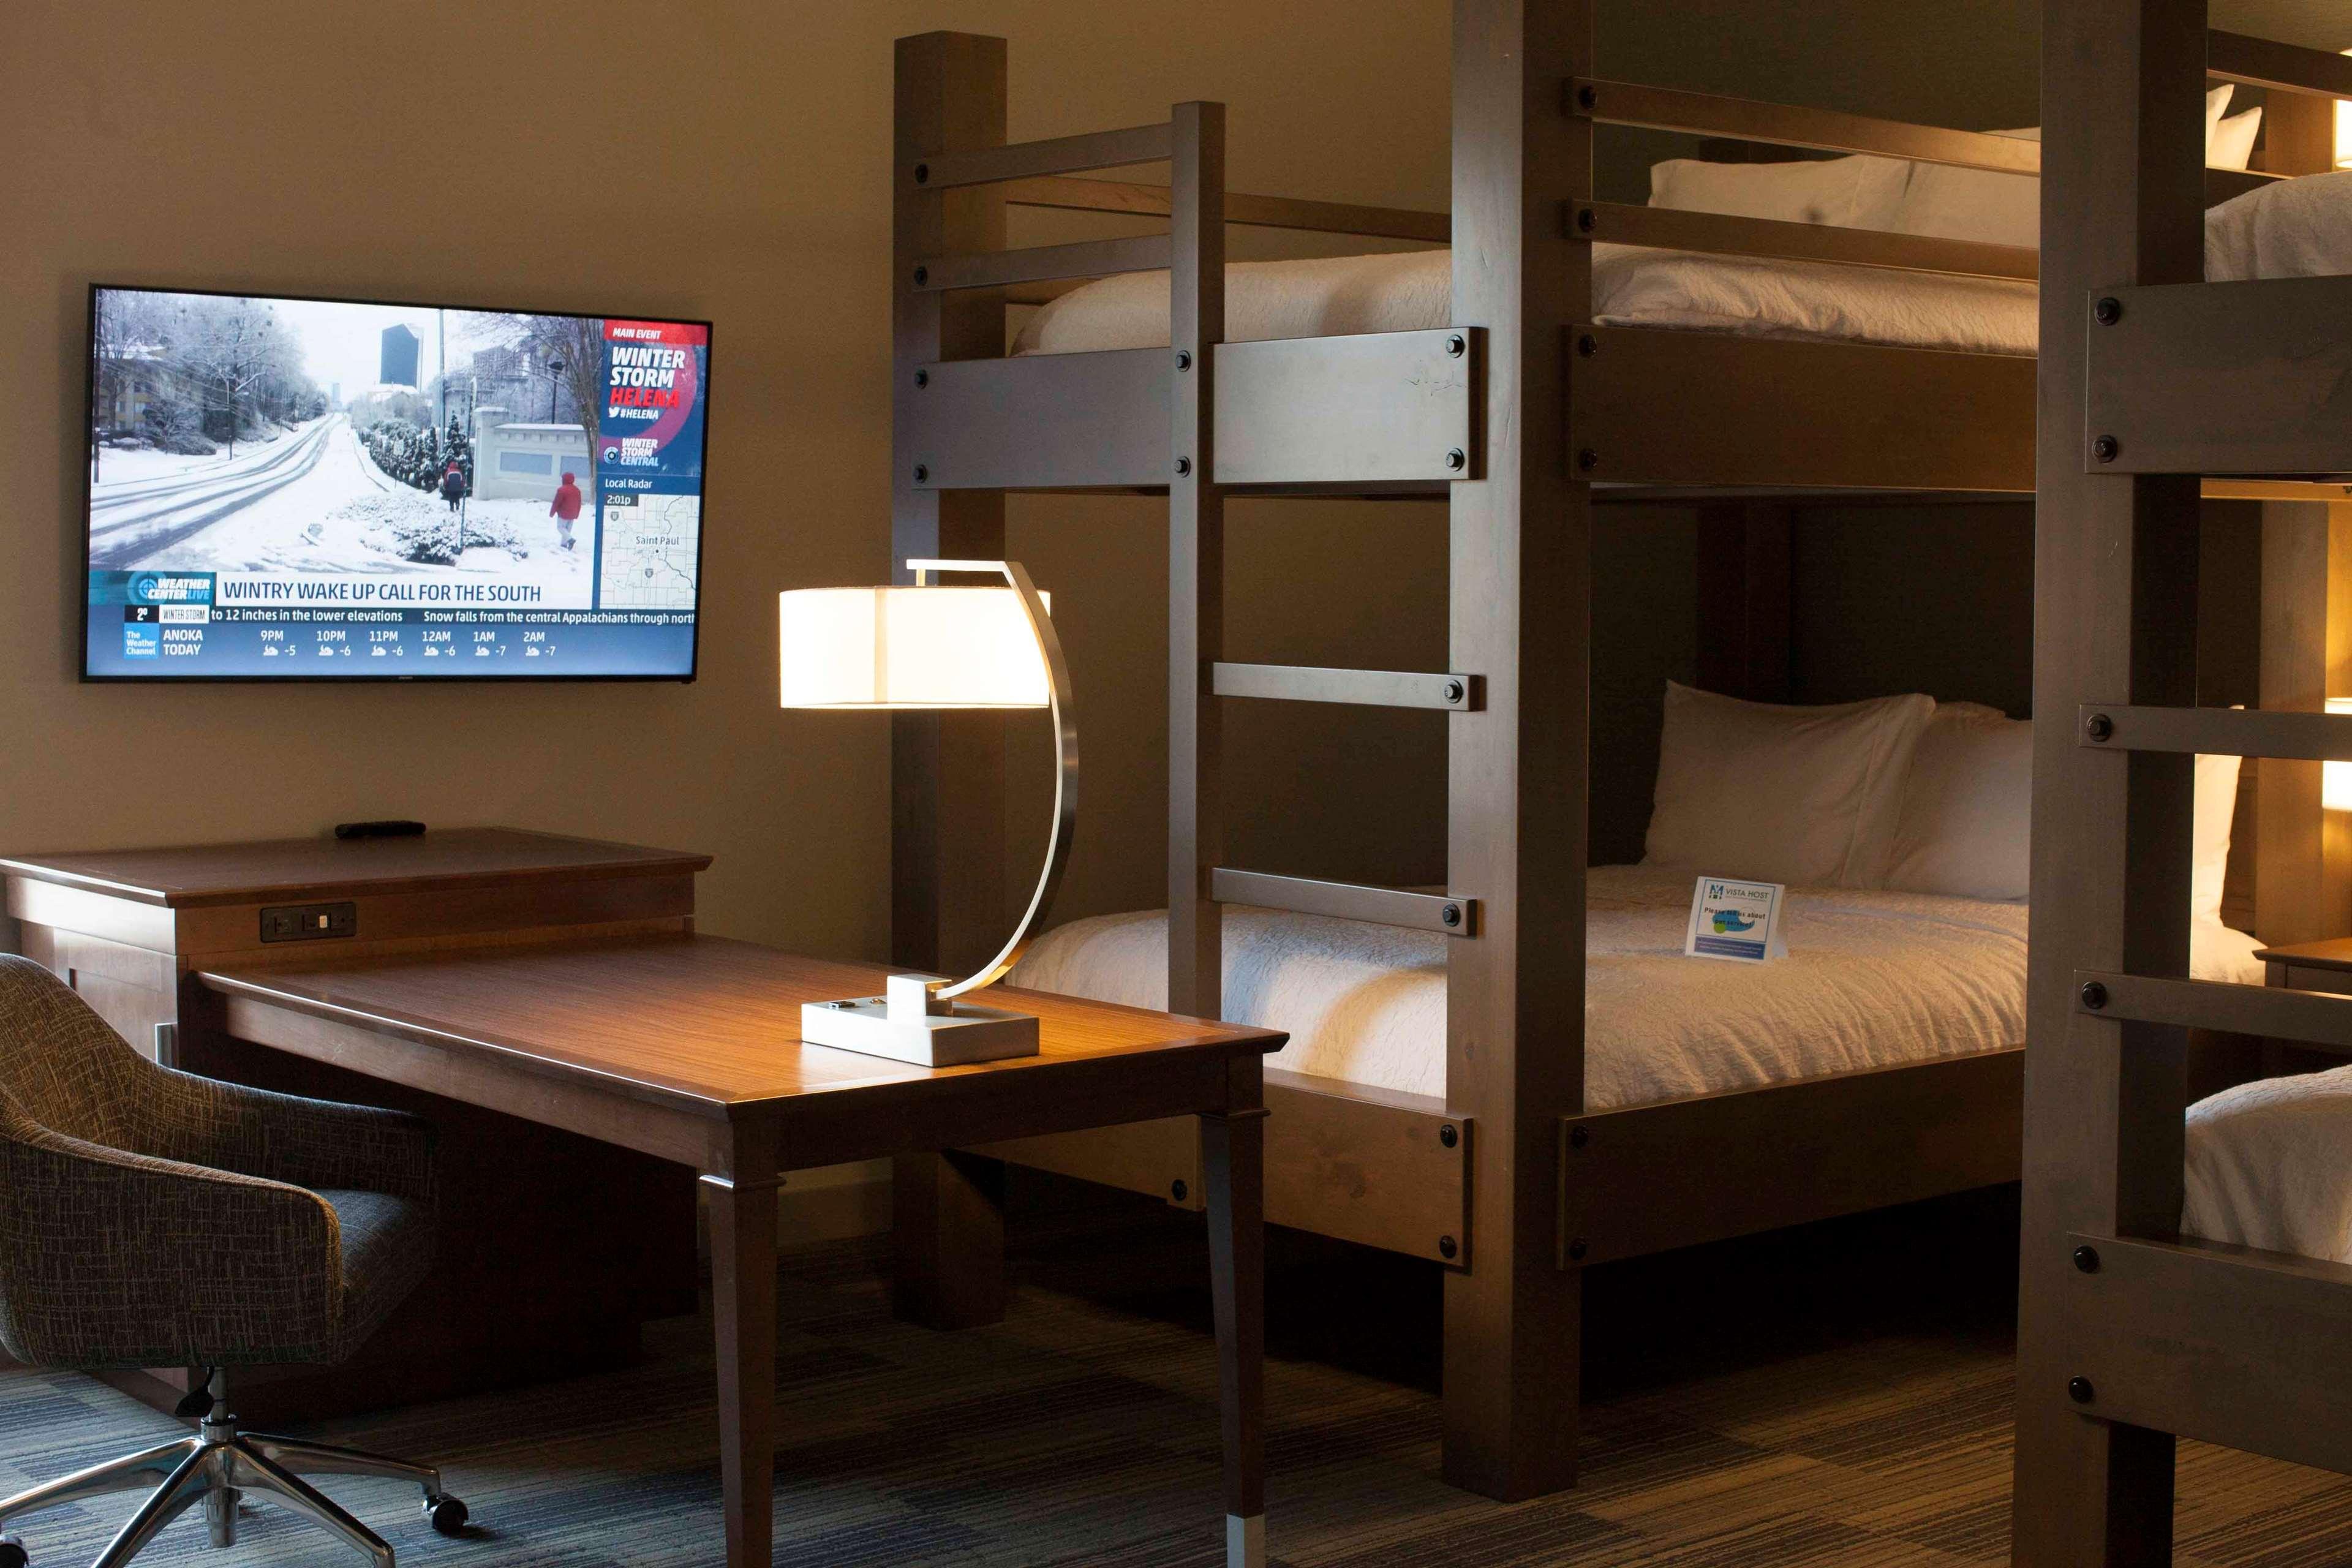 Hampton Inn & Suites Downtown St. Paul image 29